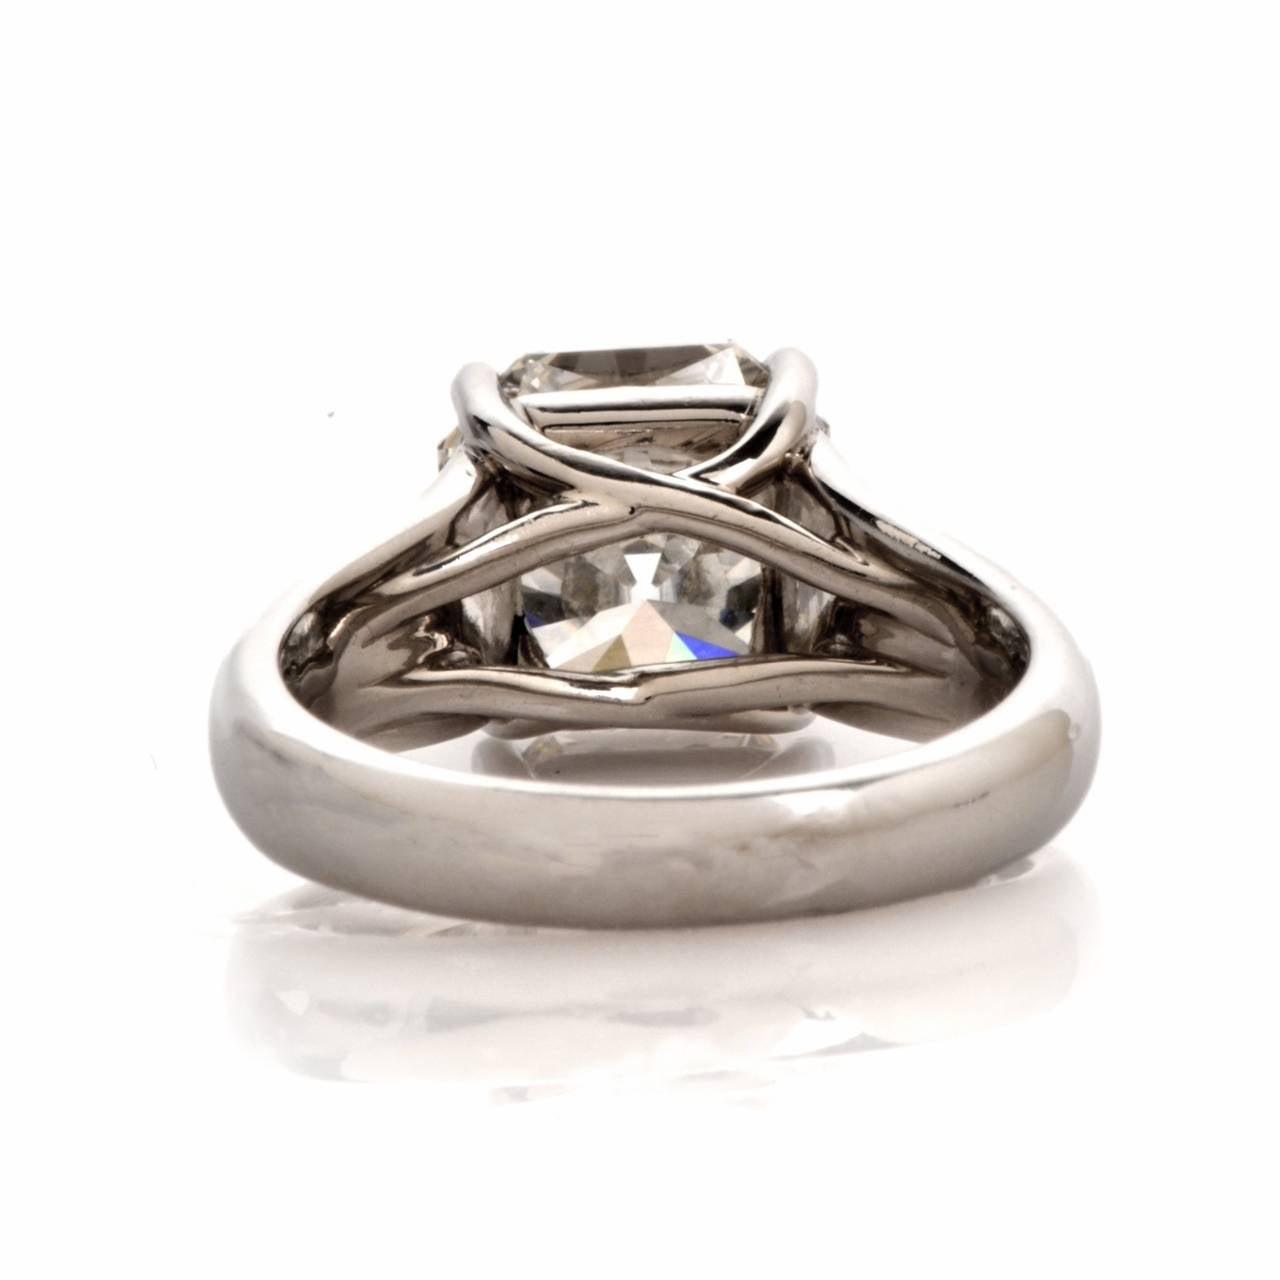 Tiffany & Co. 4.01 Carat G-VS1 Diamond Platinum  Ring In Excellent Condition For Sale In Miami, FL